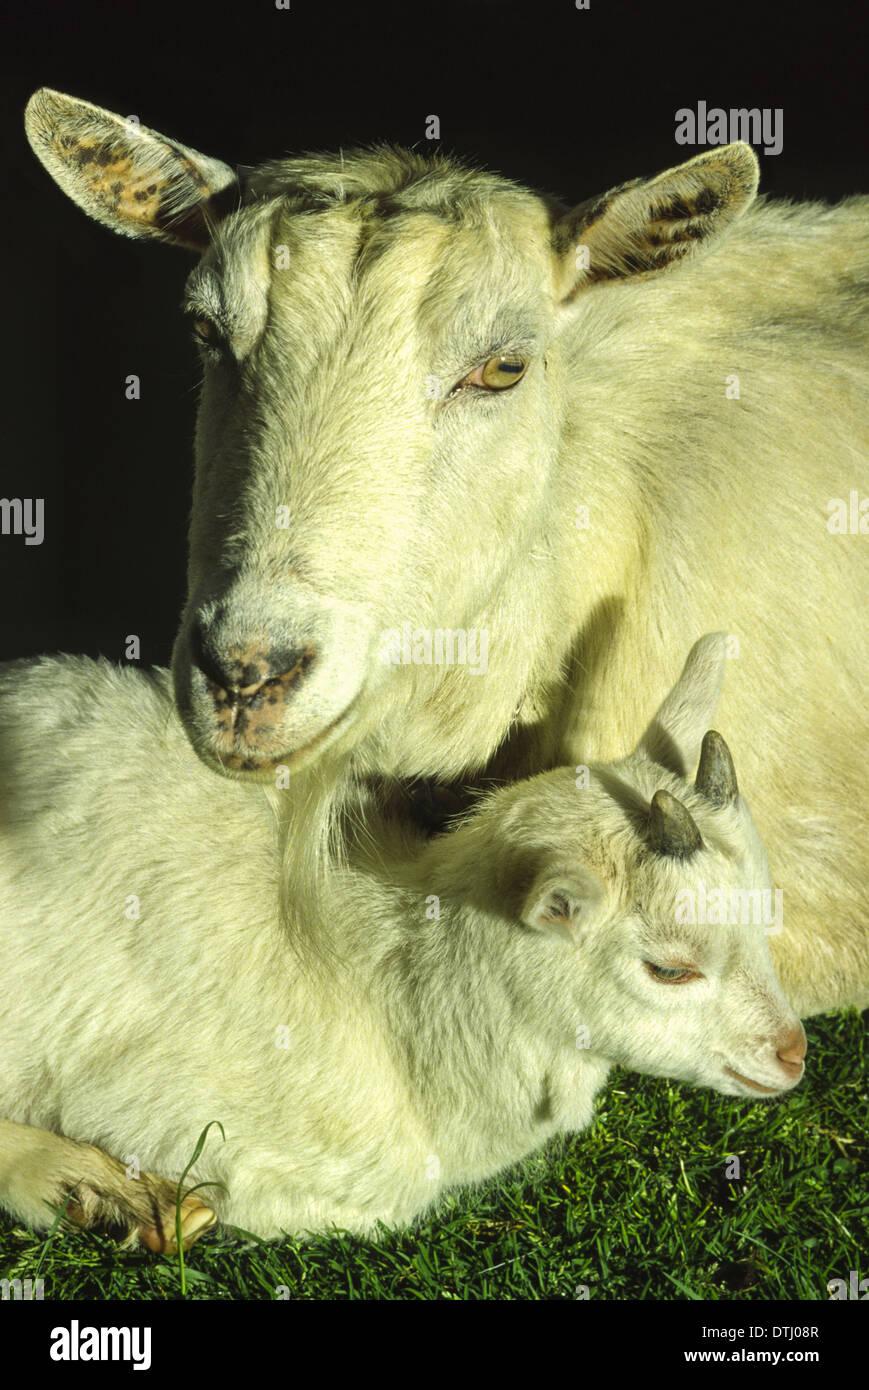 NANNY GOAT  (Capra aegagrus hircus)  RESTING WITH YOUNG KID - Stock Image